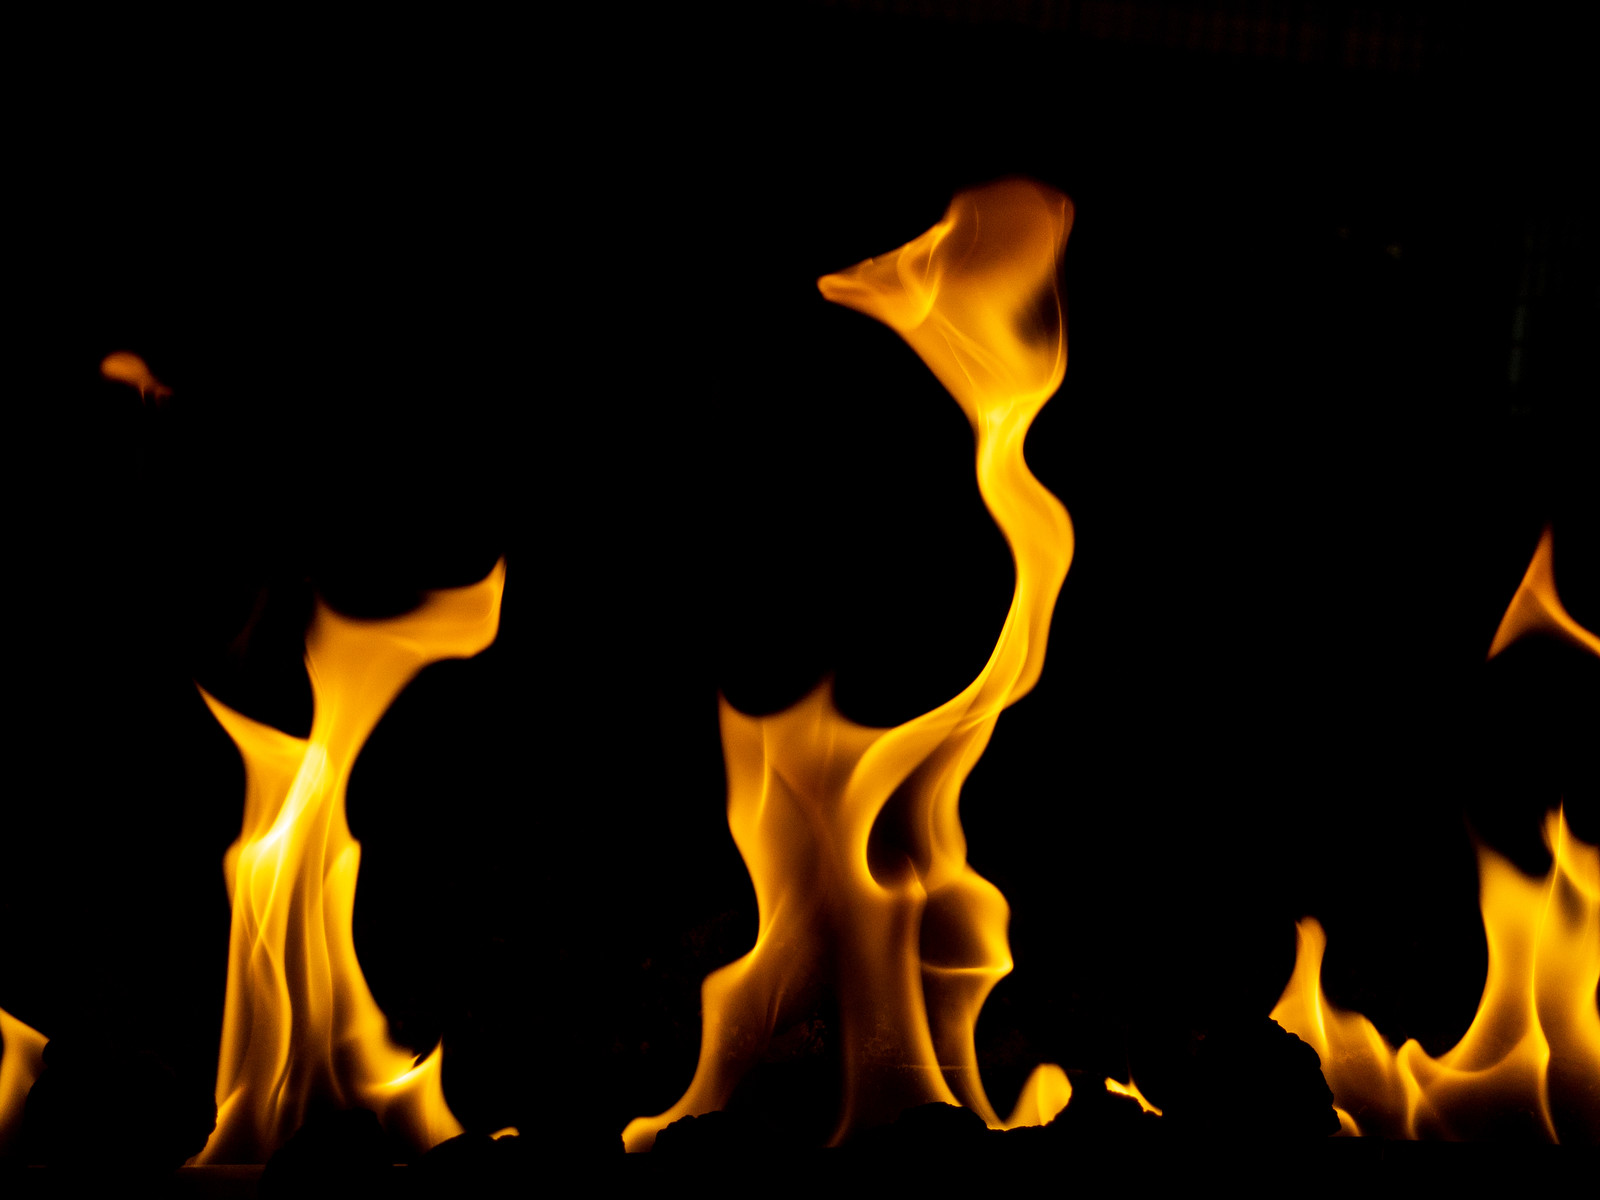 「焔(ほのお)」の写真